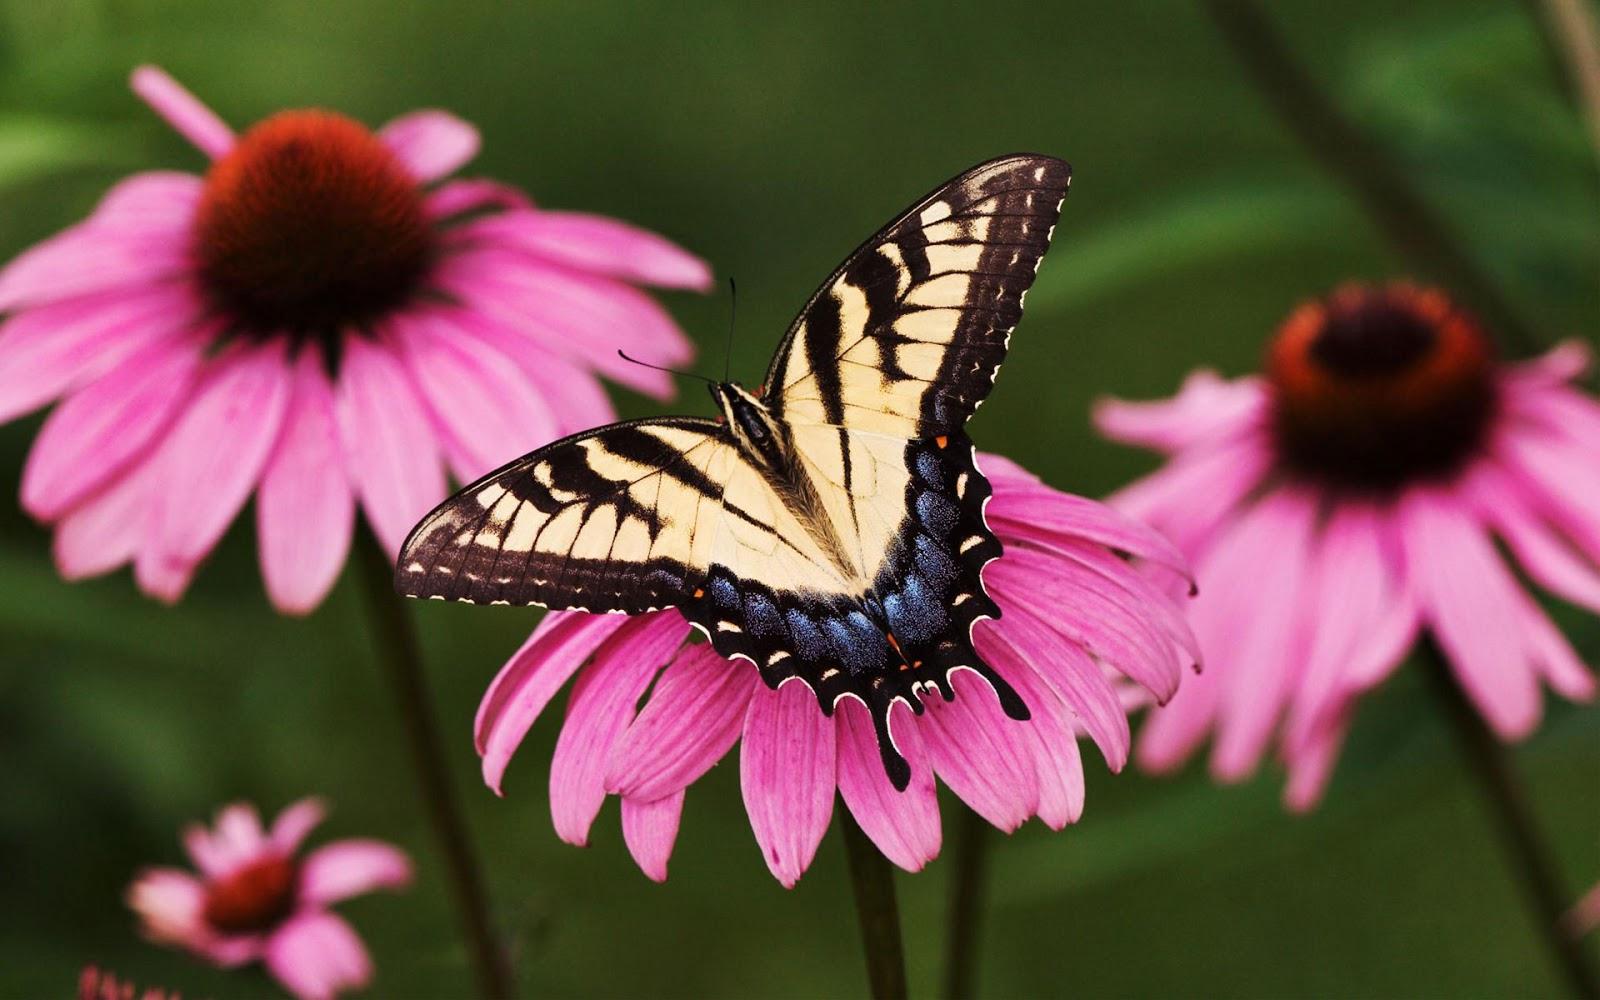 HD Wallpaper: Butterfly hd wallpapers